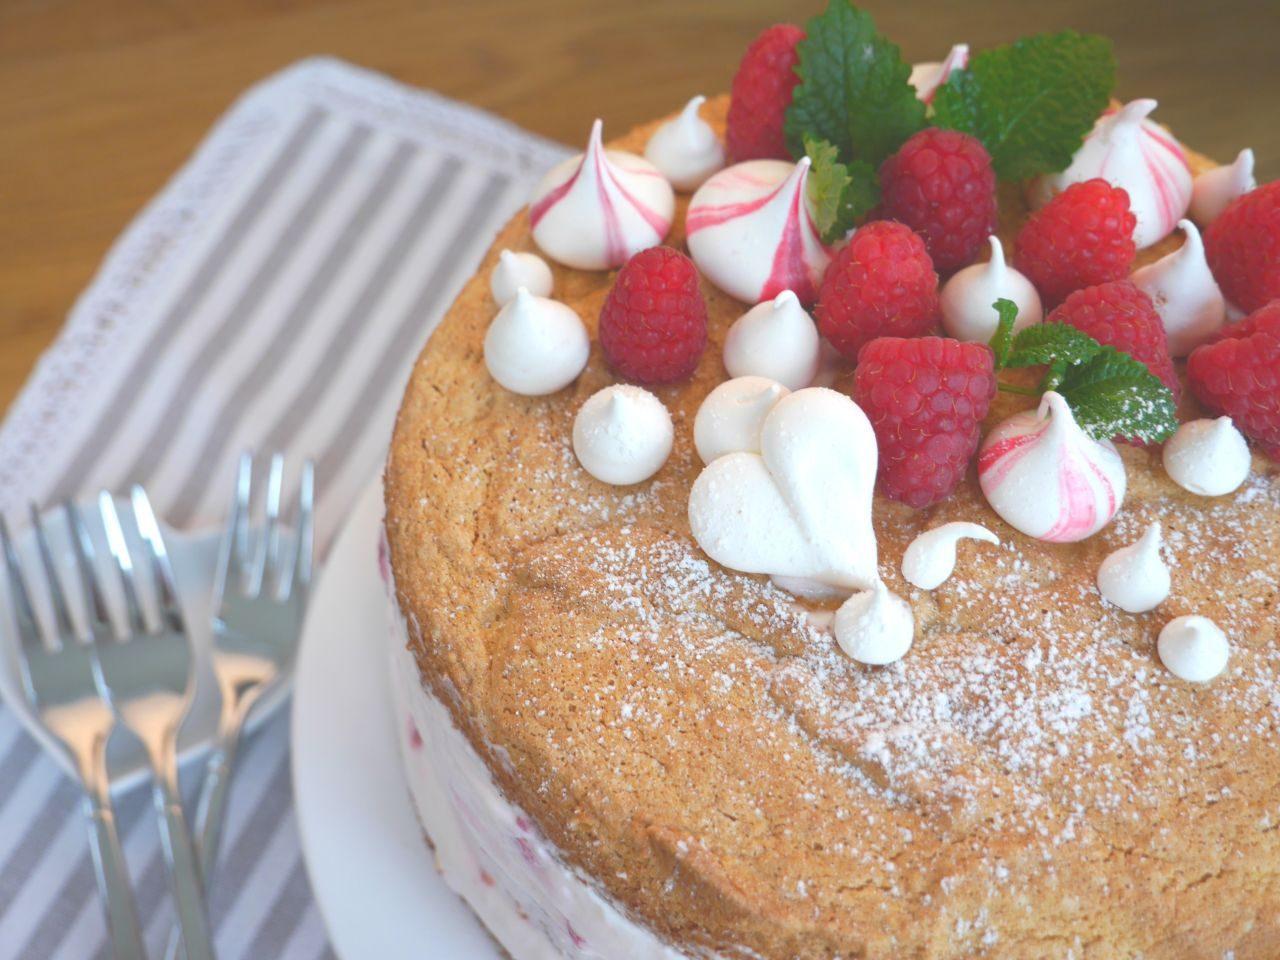 köln beste backen rezept melba torte